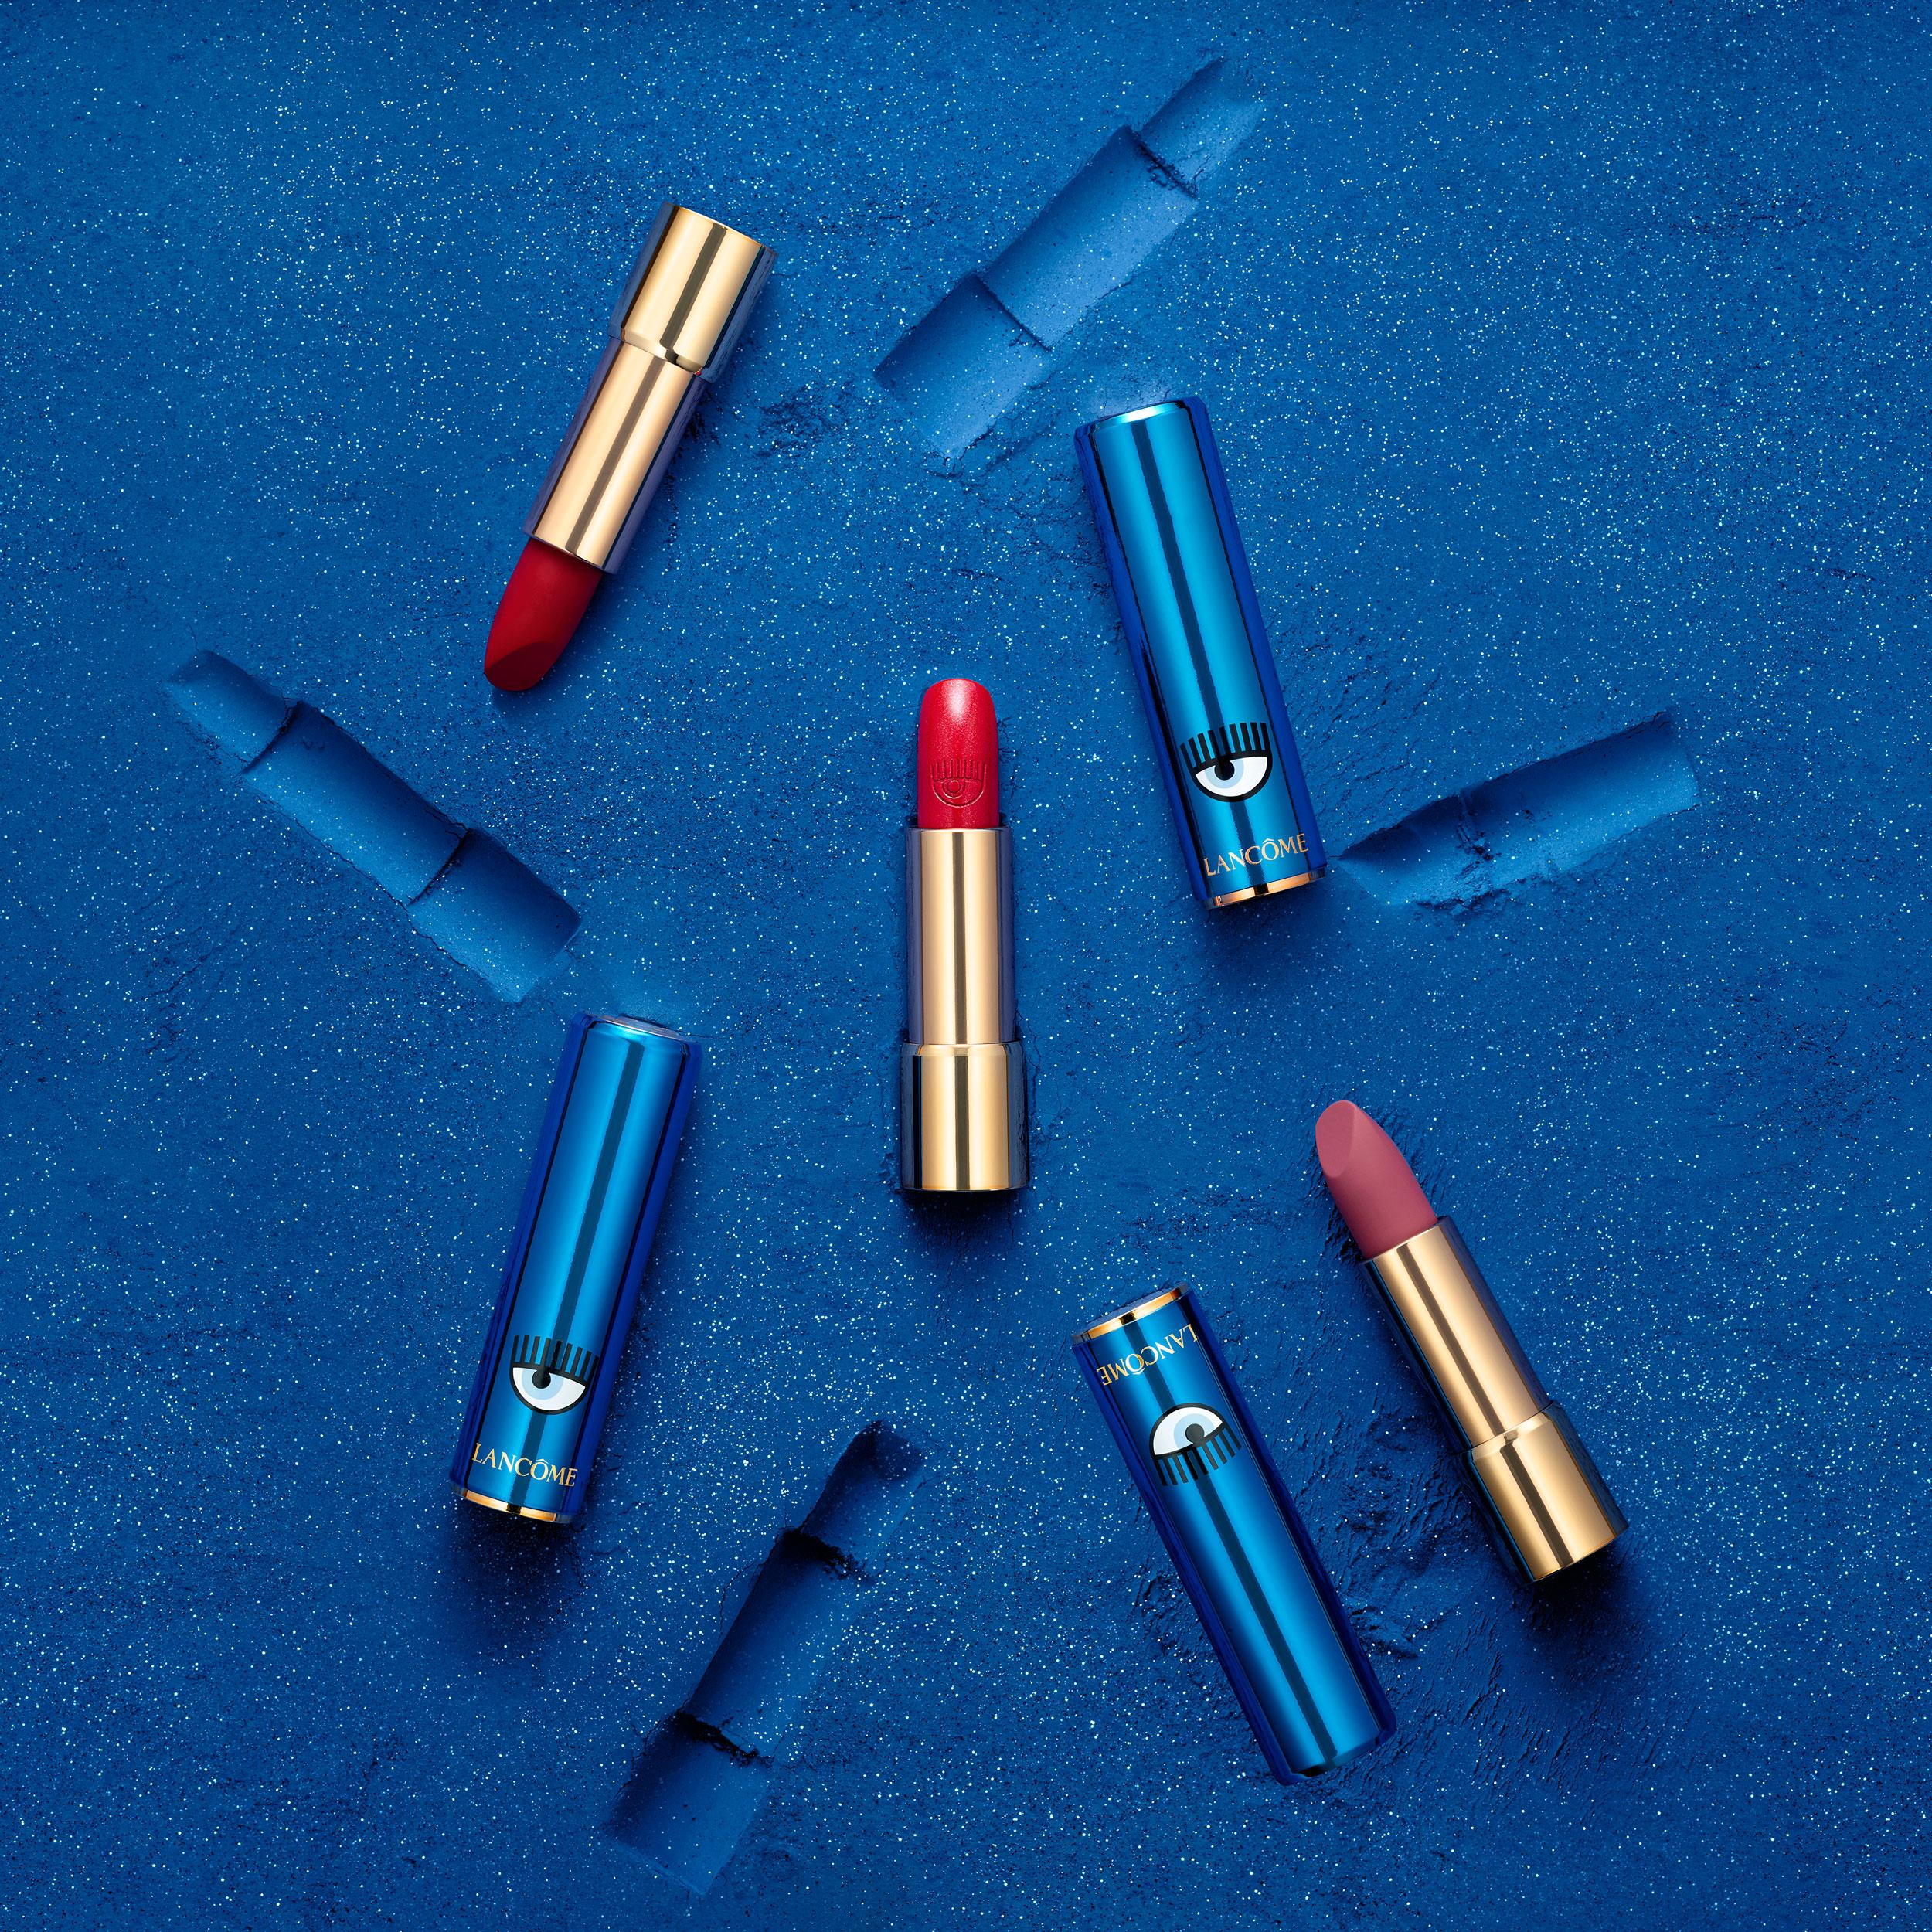 los 3 labiales de la colección de Chiara Ferragni para Lancôme-chiara